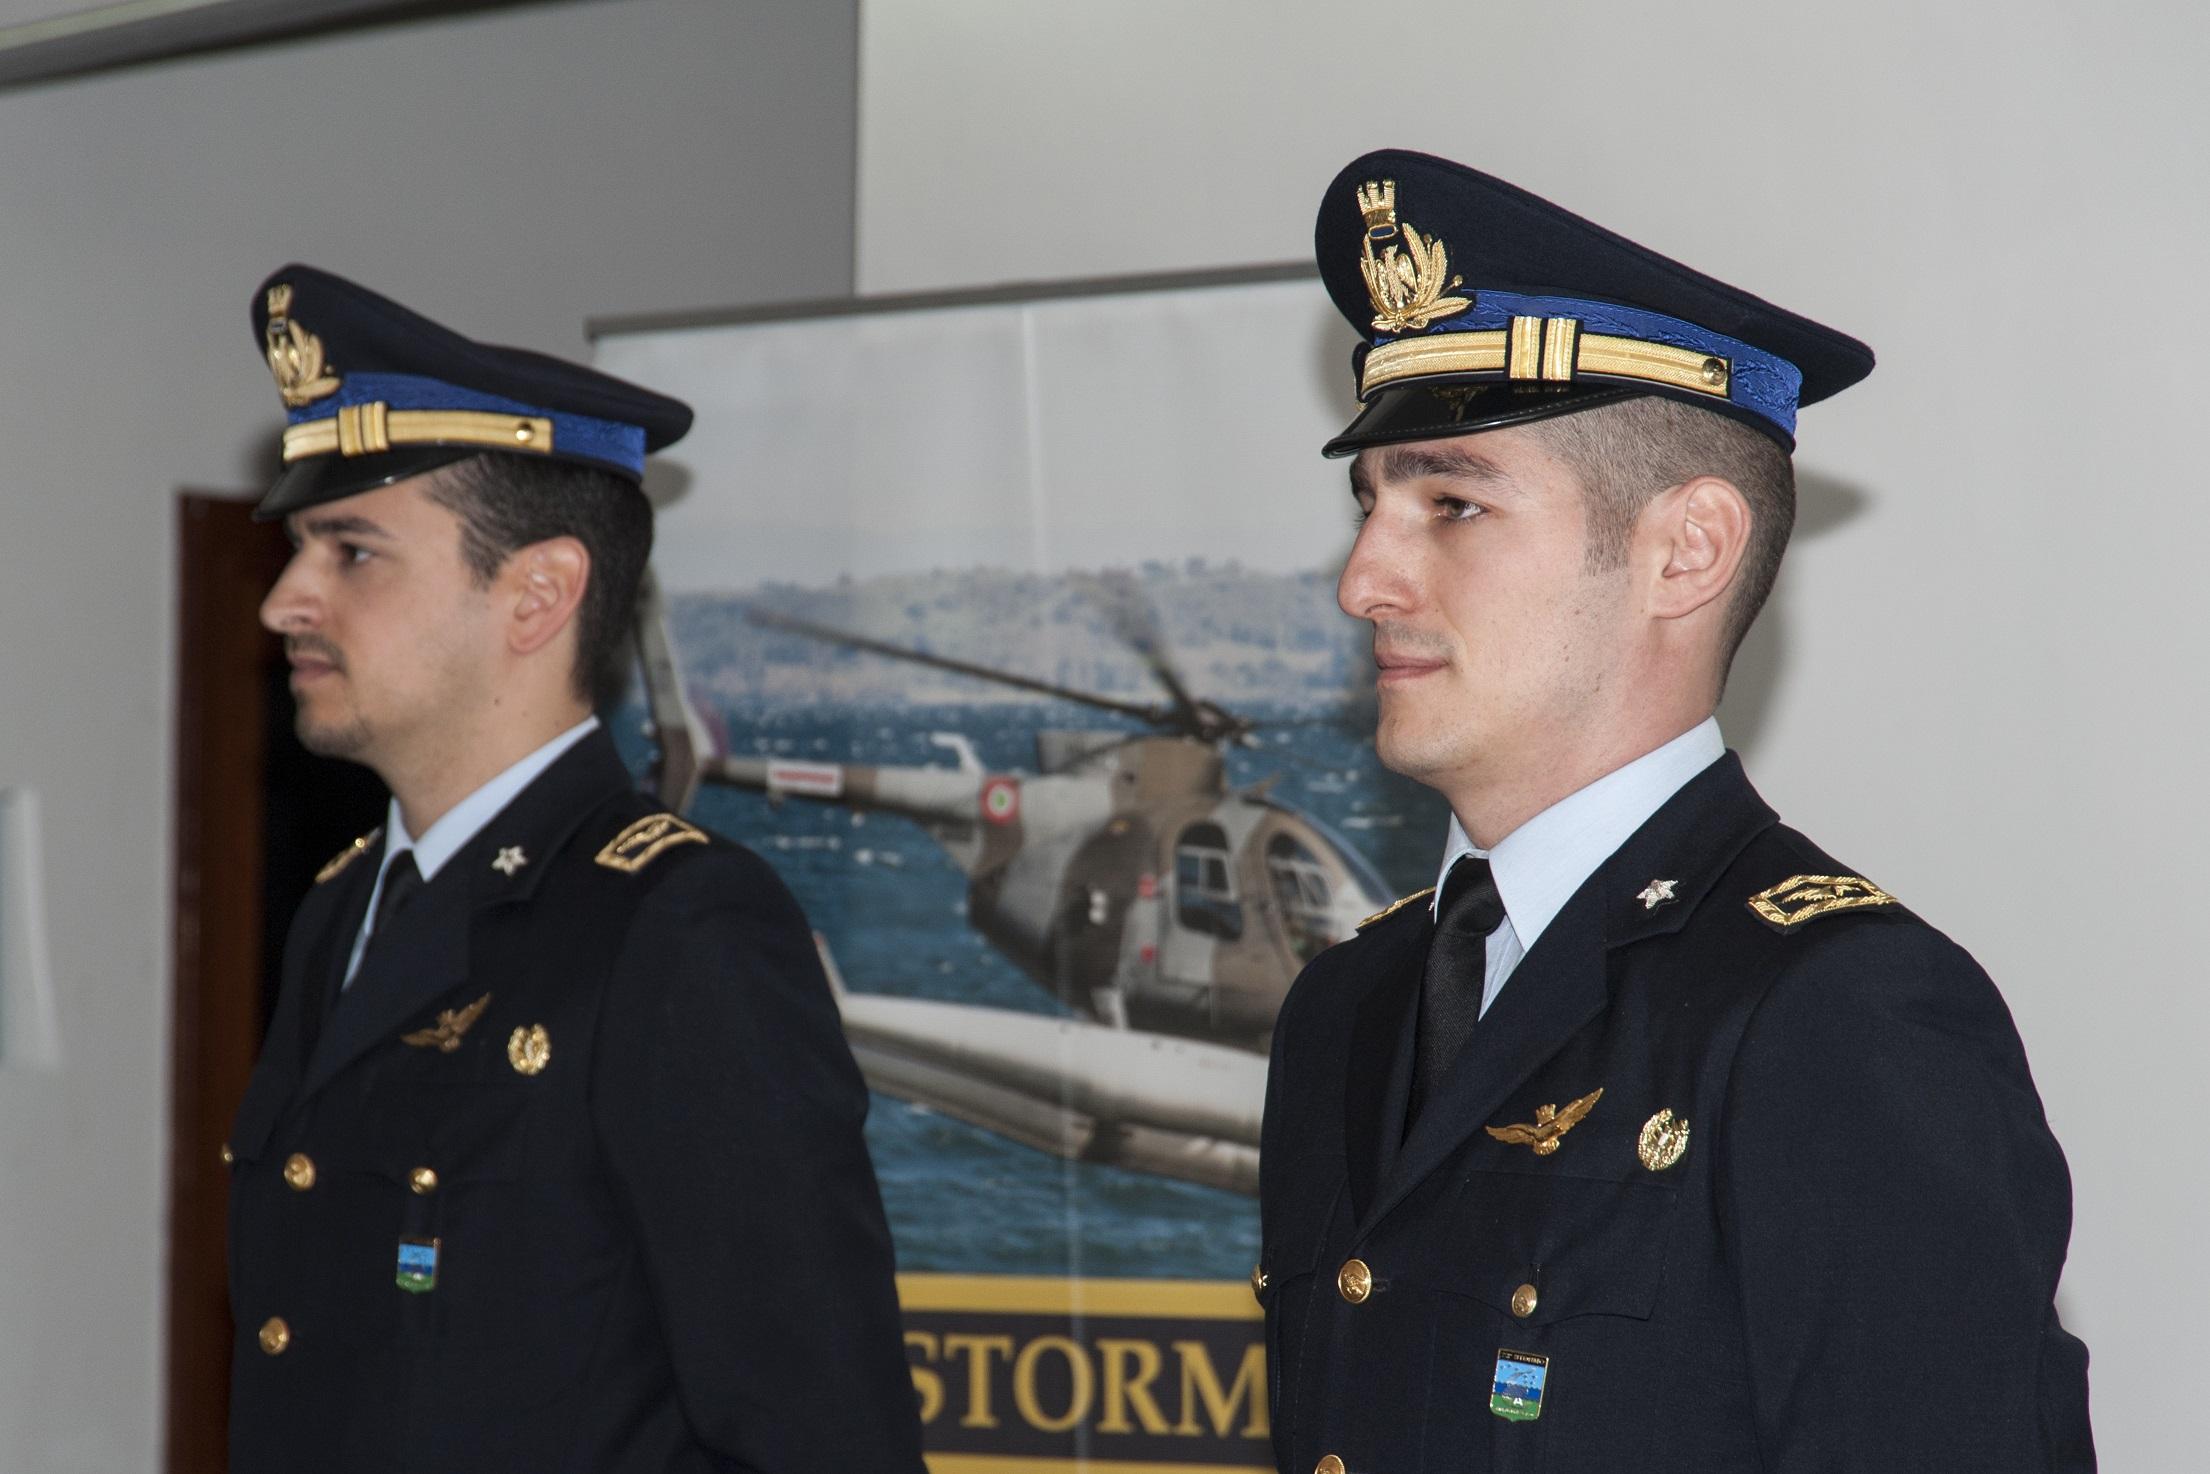 I due ufficiali con le loro Aquile sul petto